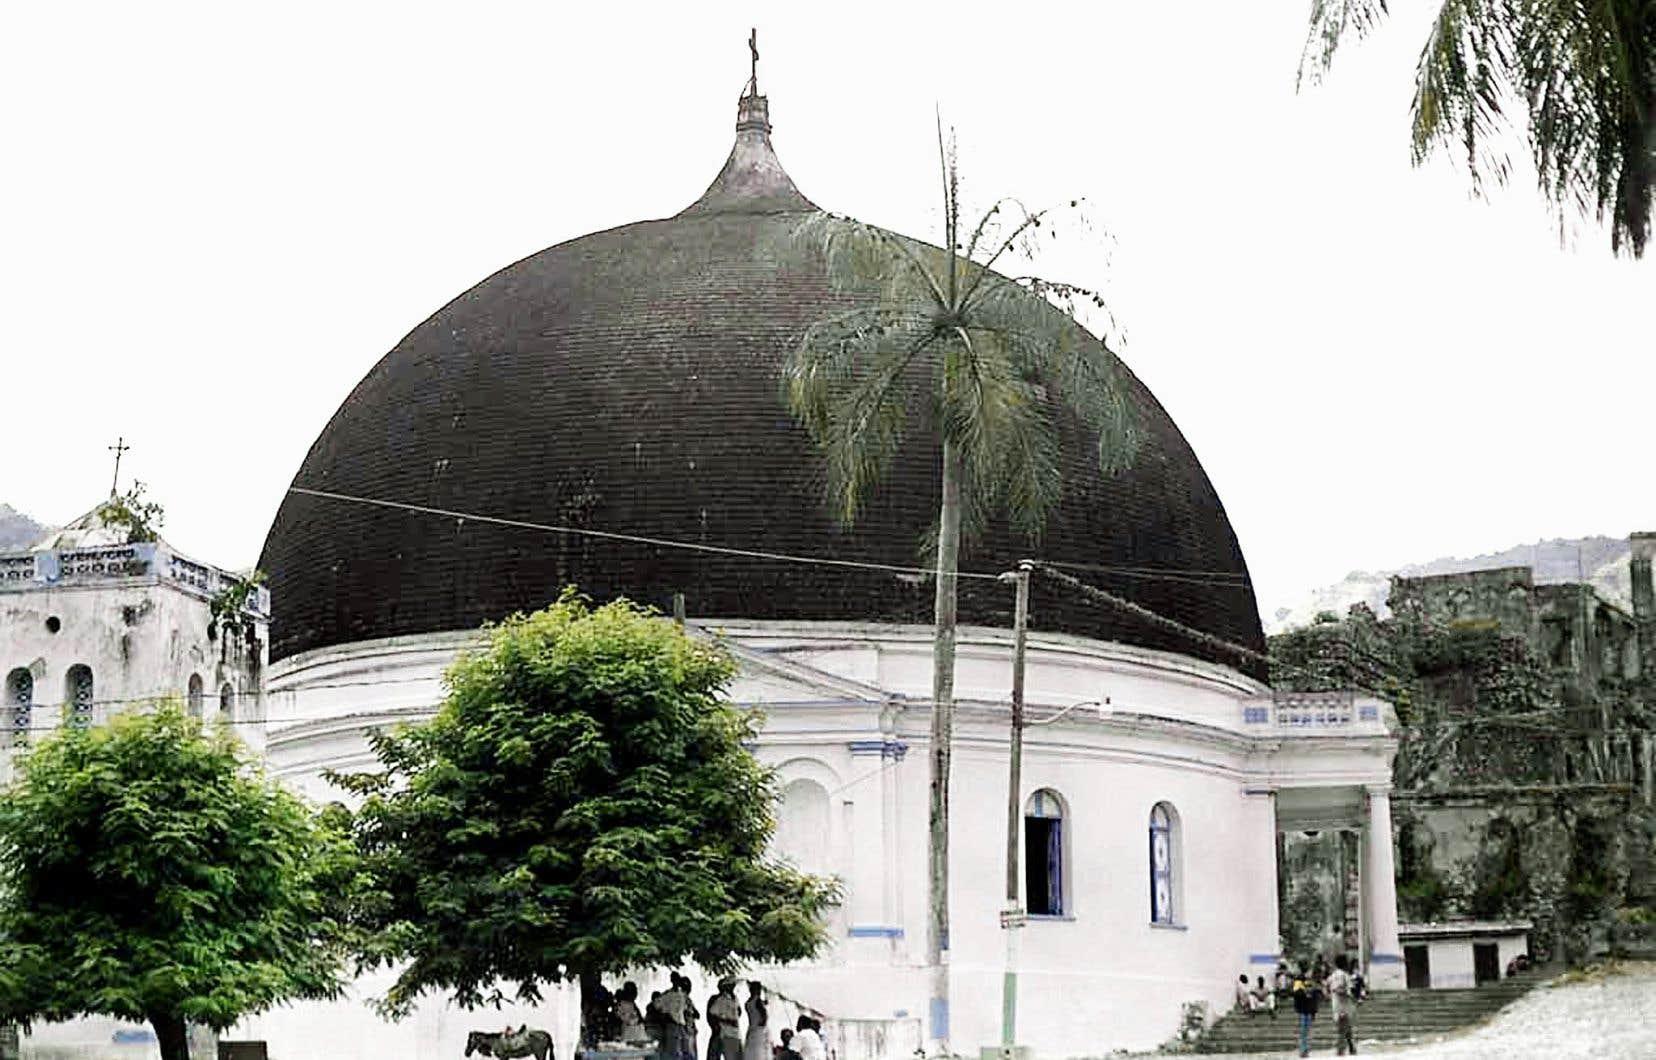 Le monument historique avait fait l'objet de travaux d'urgence en 2018, pour colmater les importants trous de la toiture du dôme.